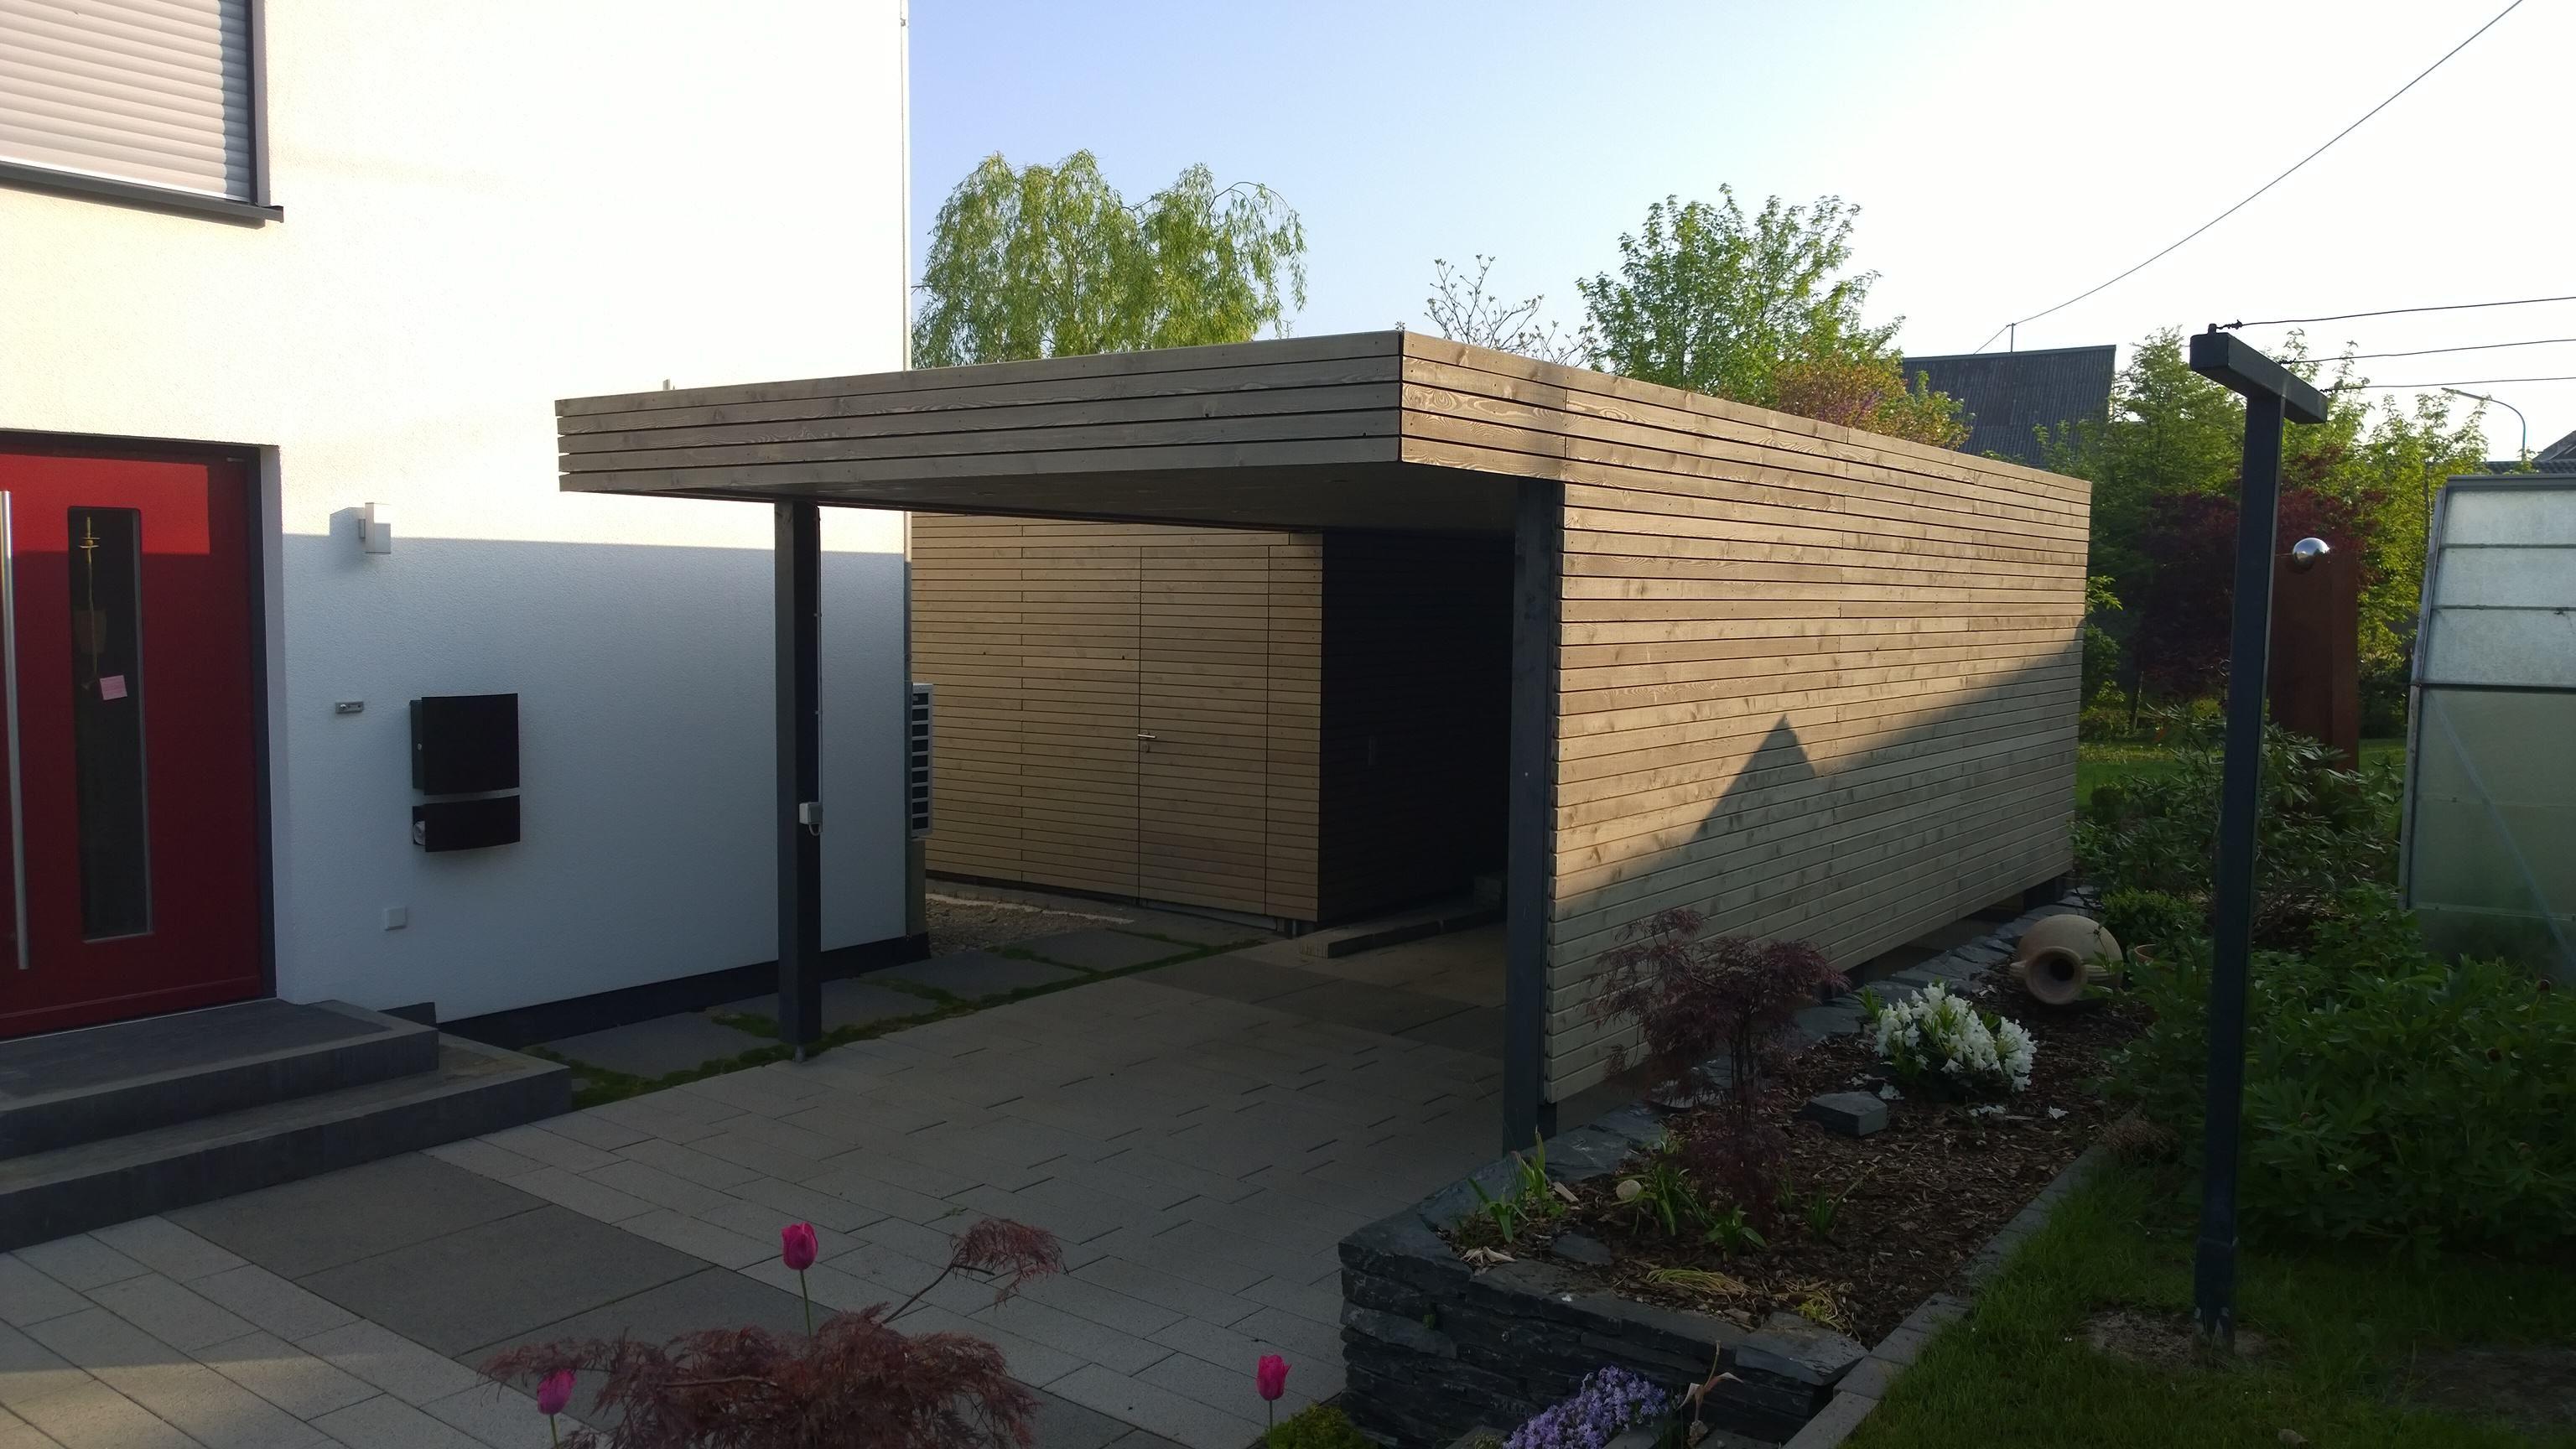 Schön Moderner Sichtschutz Im Garten Design